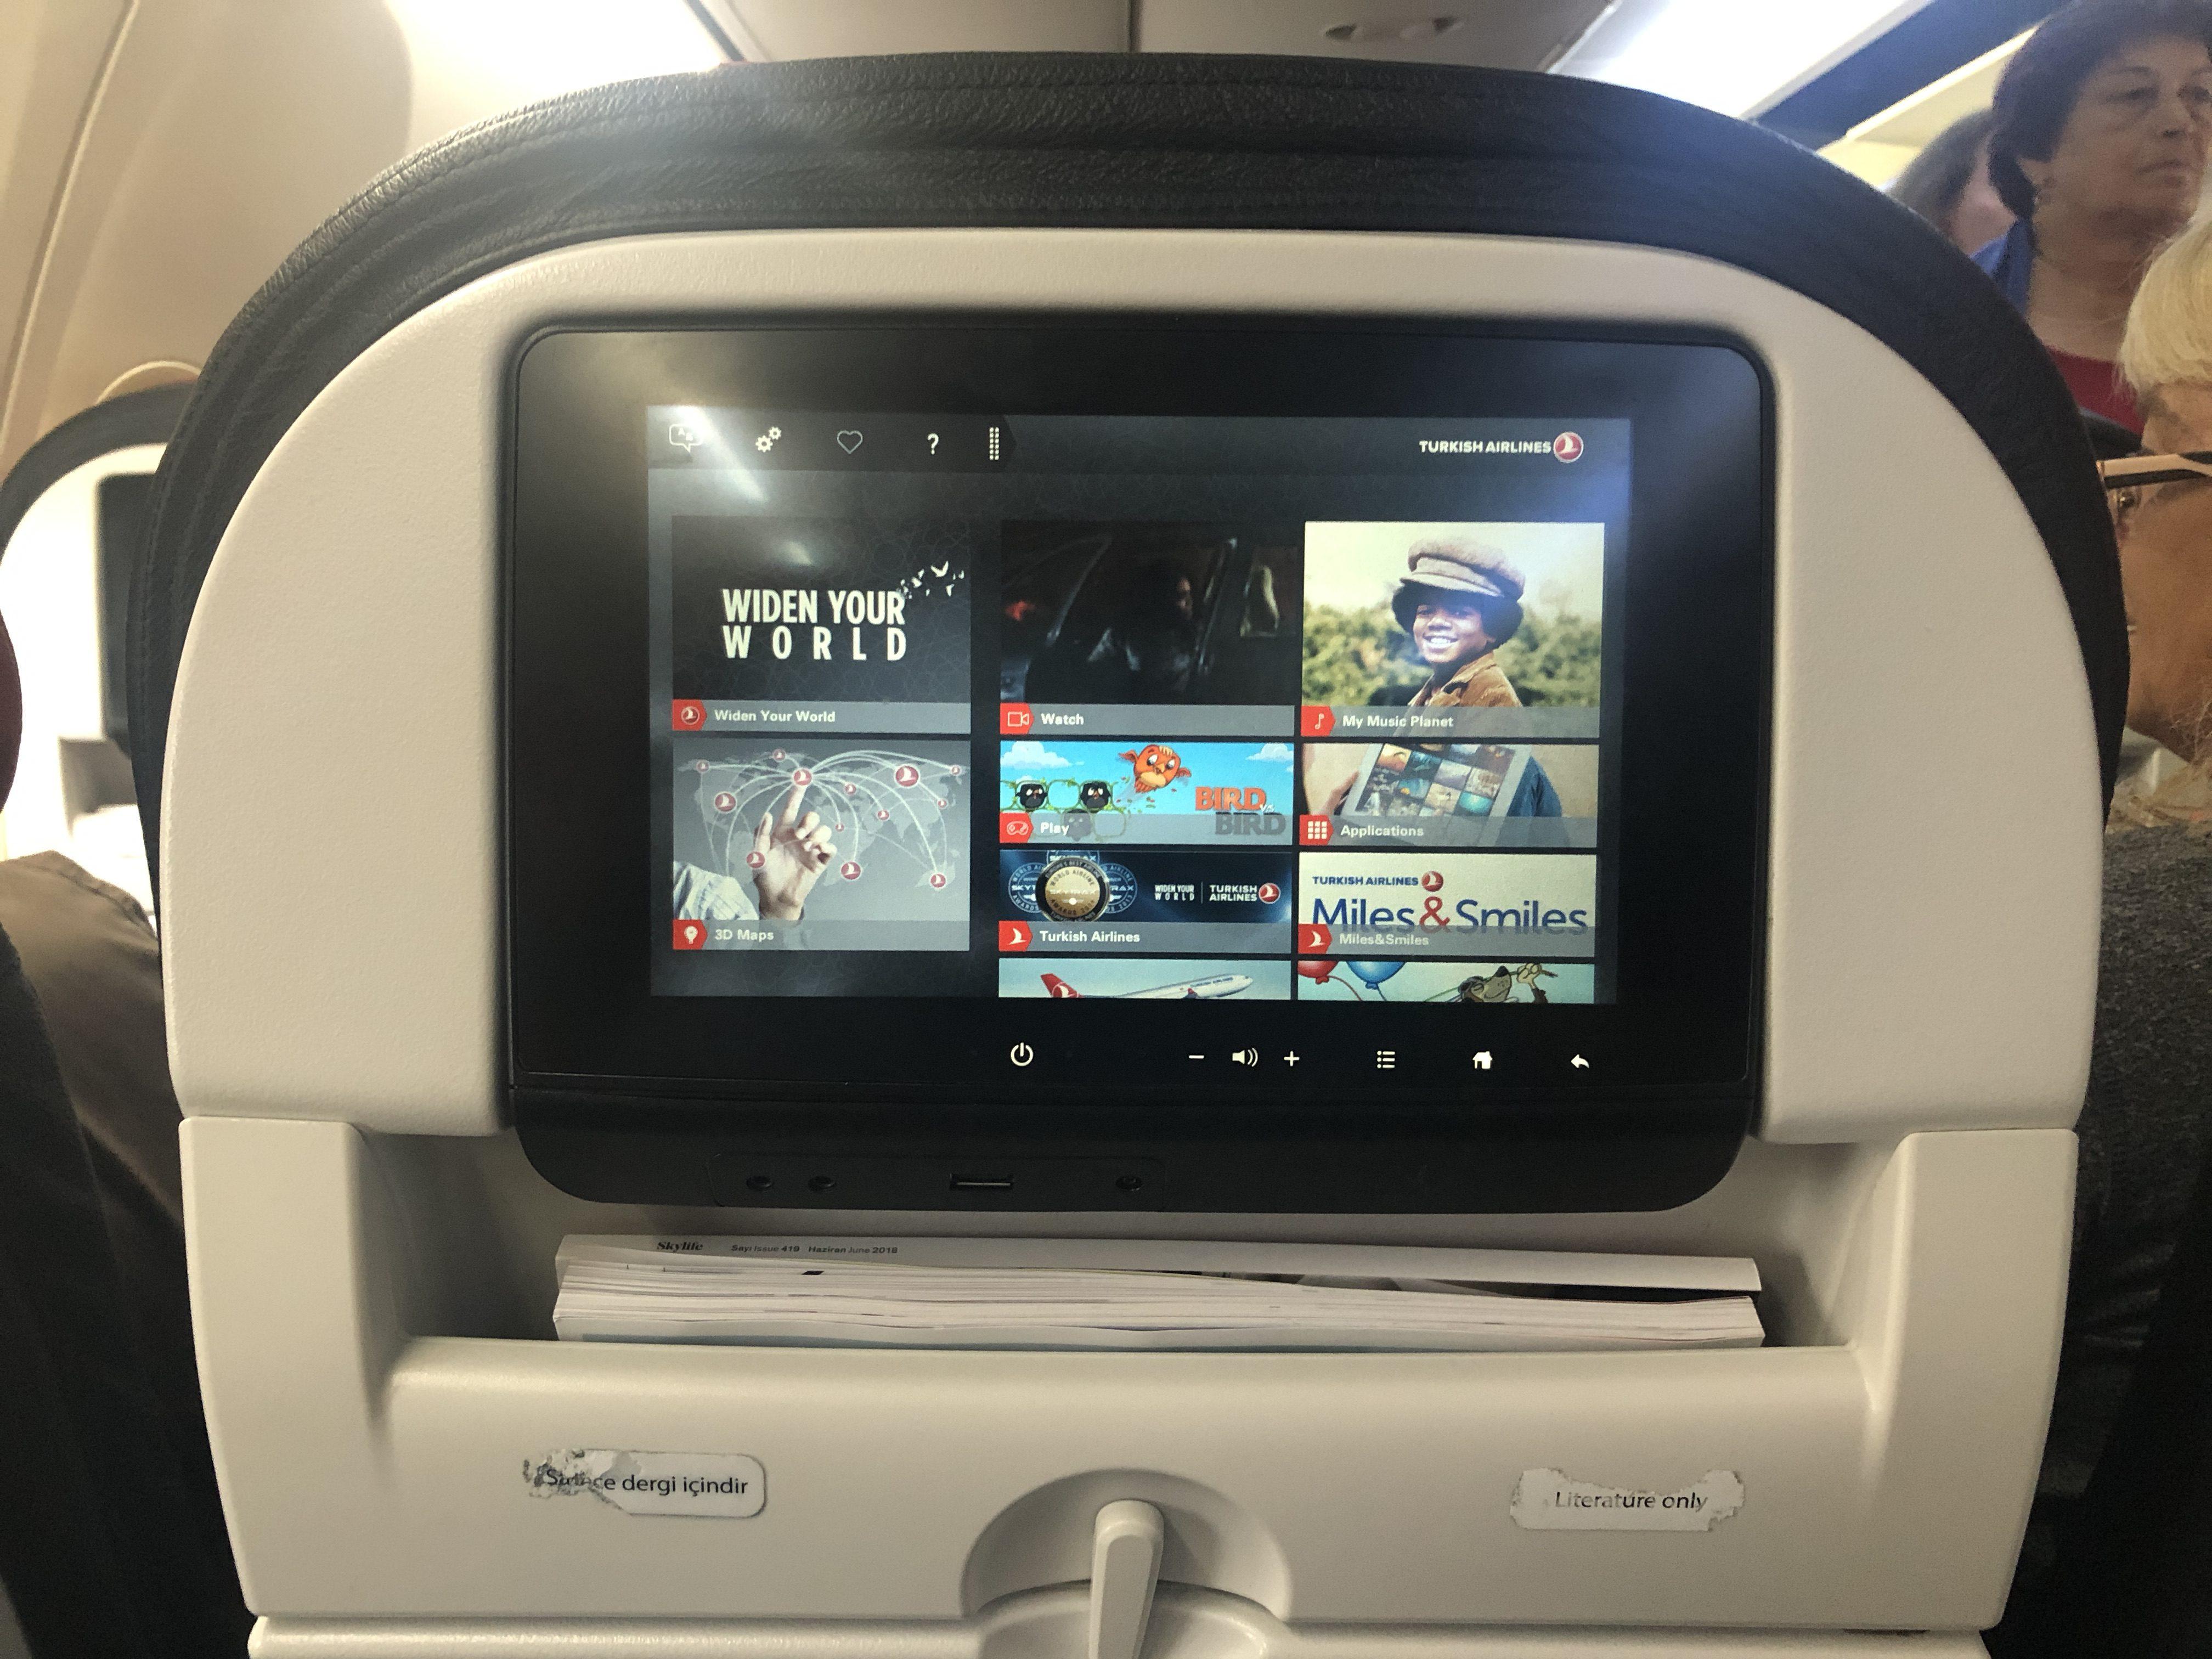 Turkish Airlines - Fedélzeti szórakoztató központ filmekkel, zenékkel